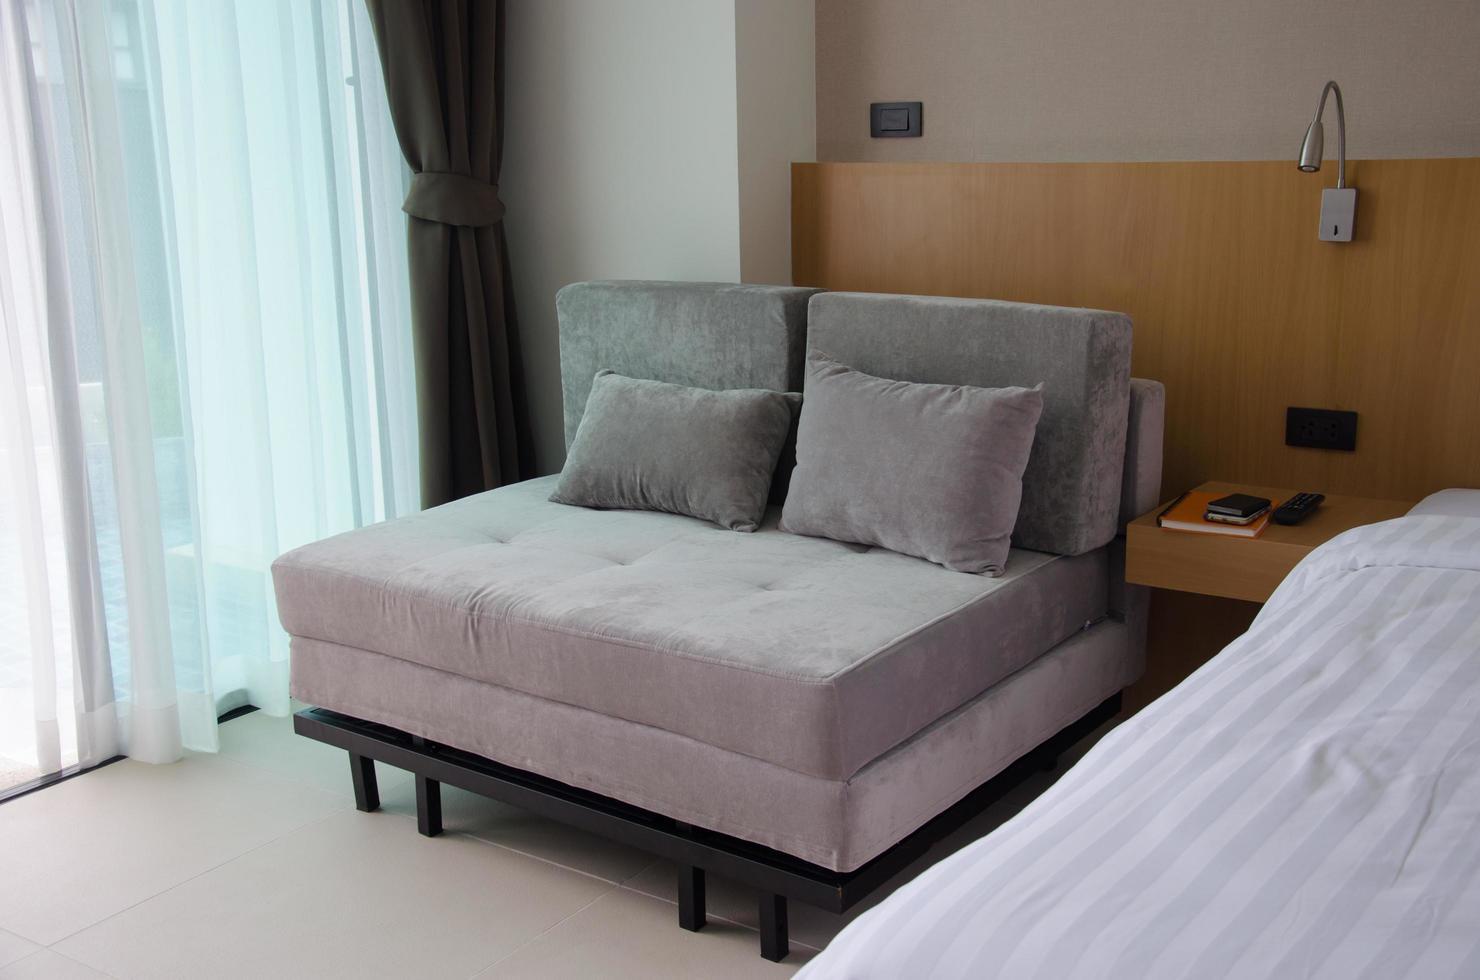 moderne bank in een slaapkamer foto